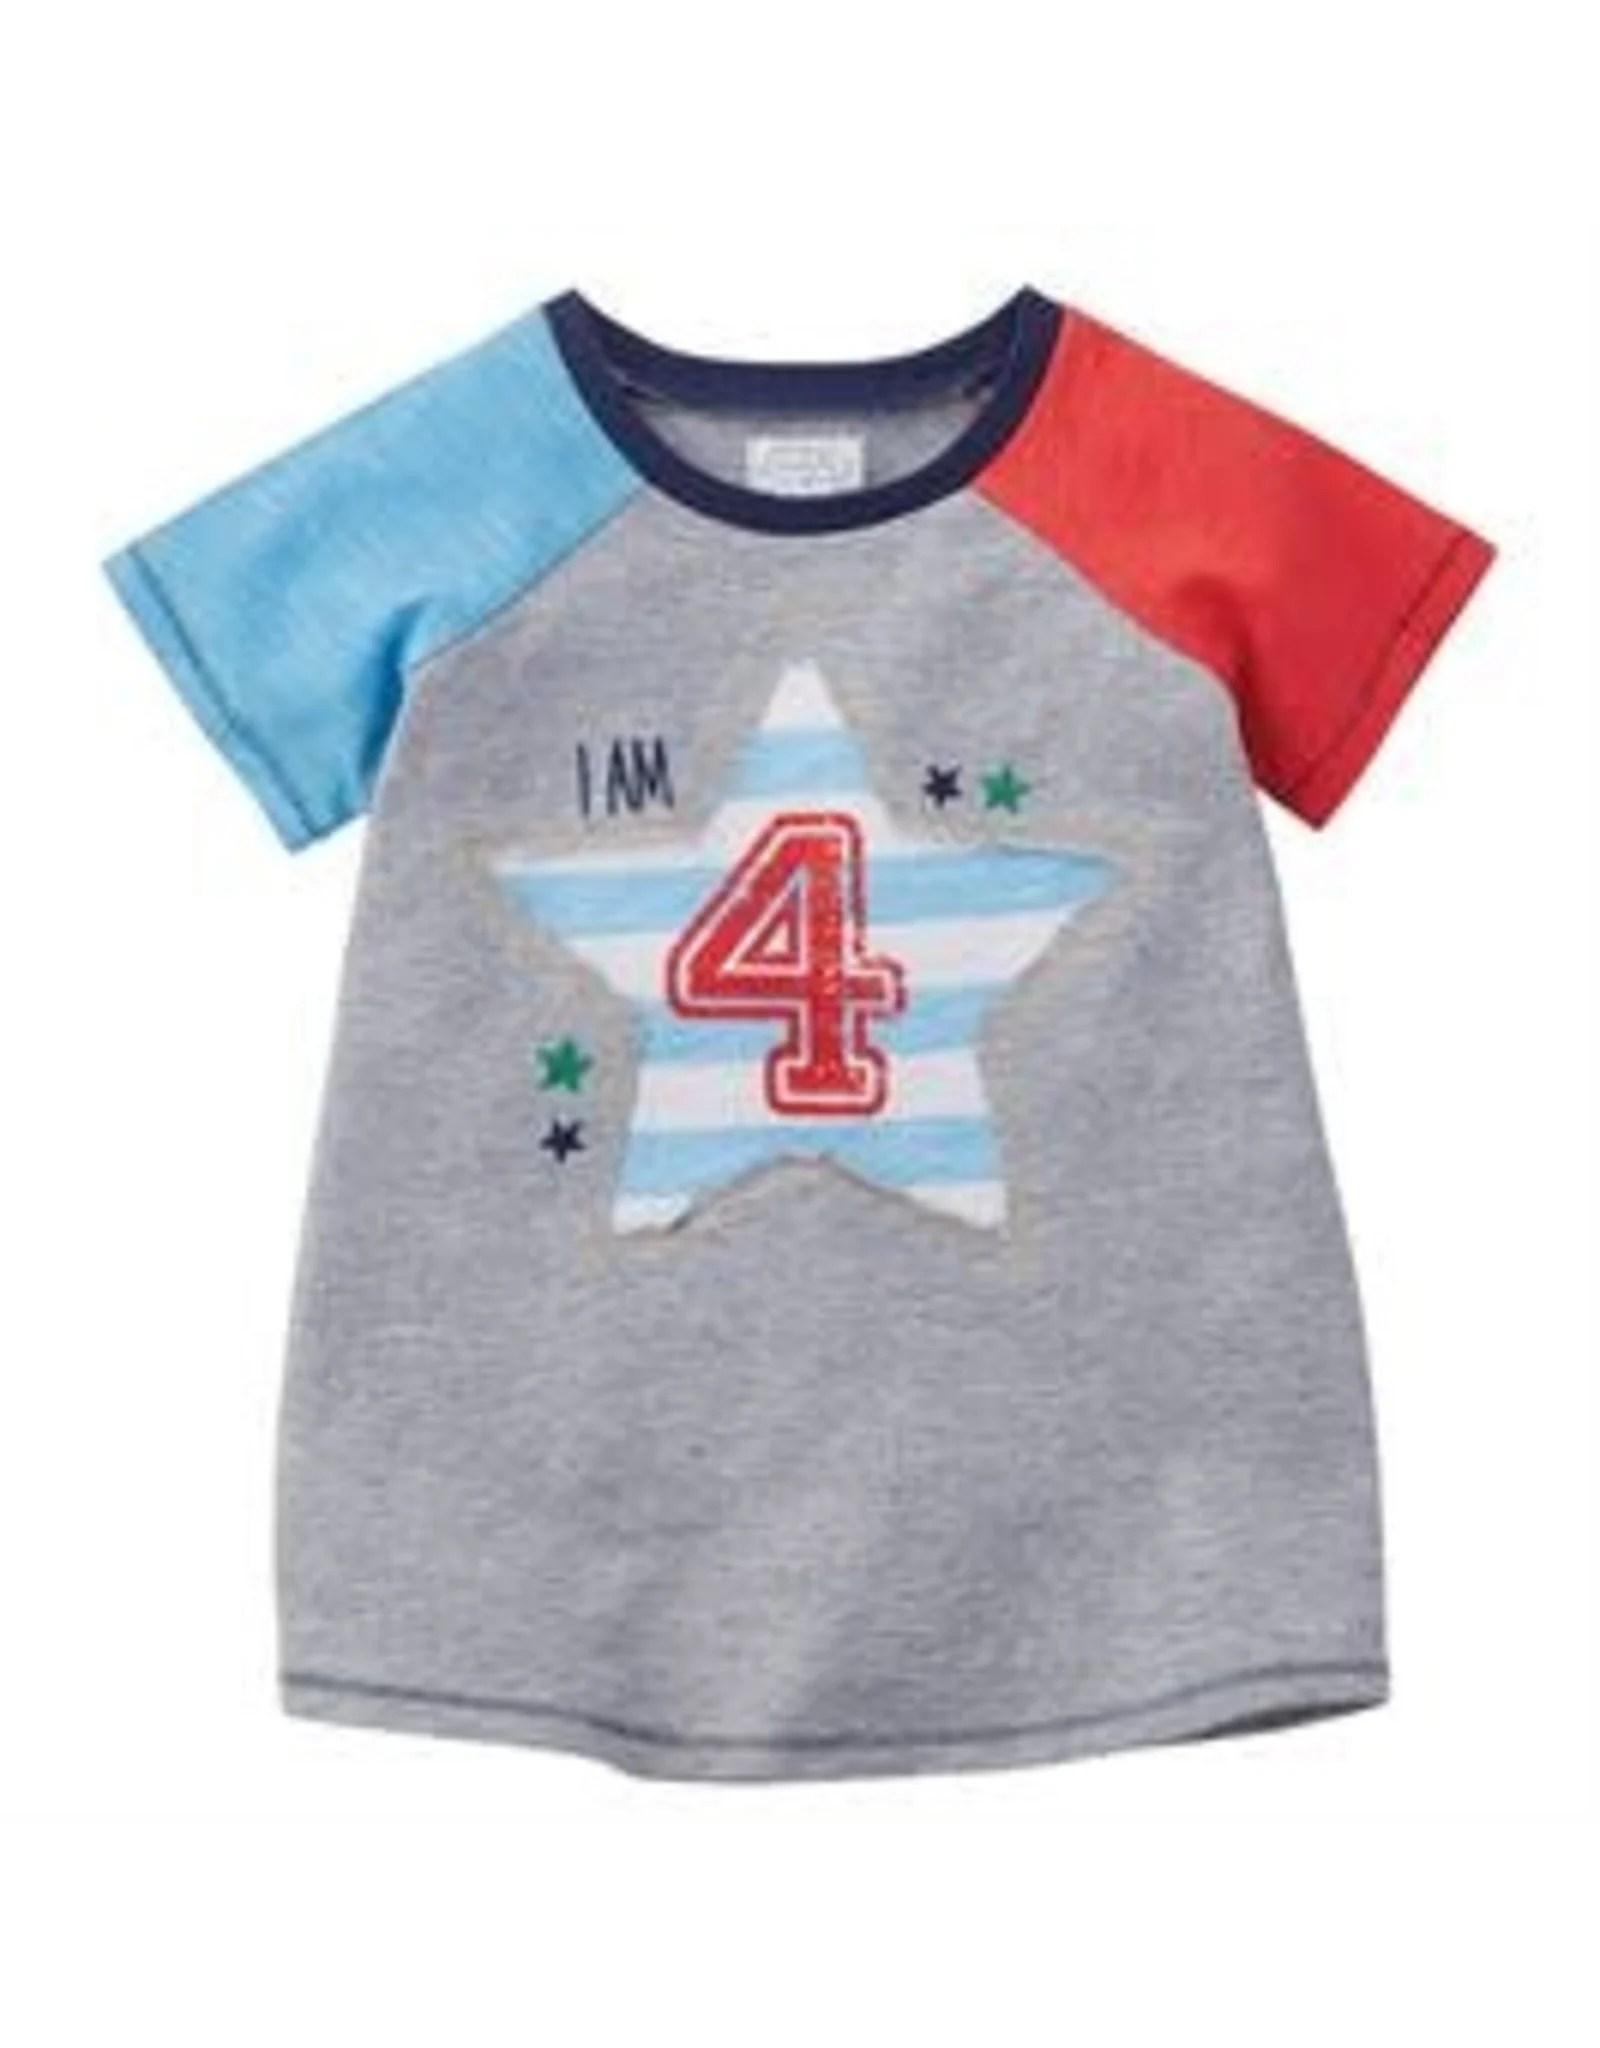 Mudpie Mud Pie Boy 4 Birthday Shirt 4t Freckles Children S Boutique